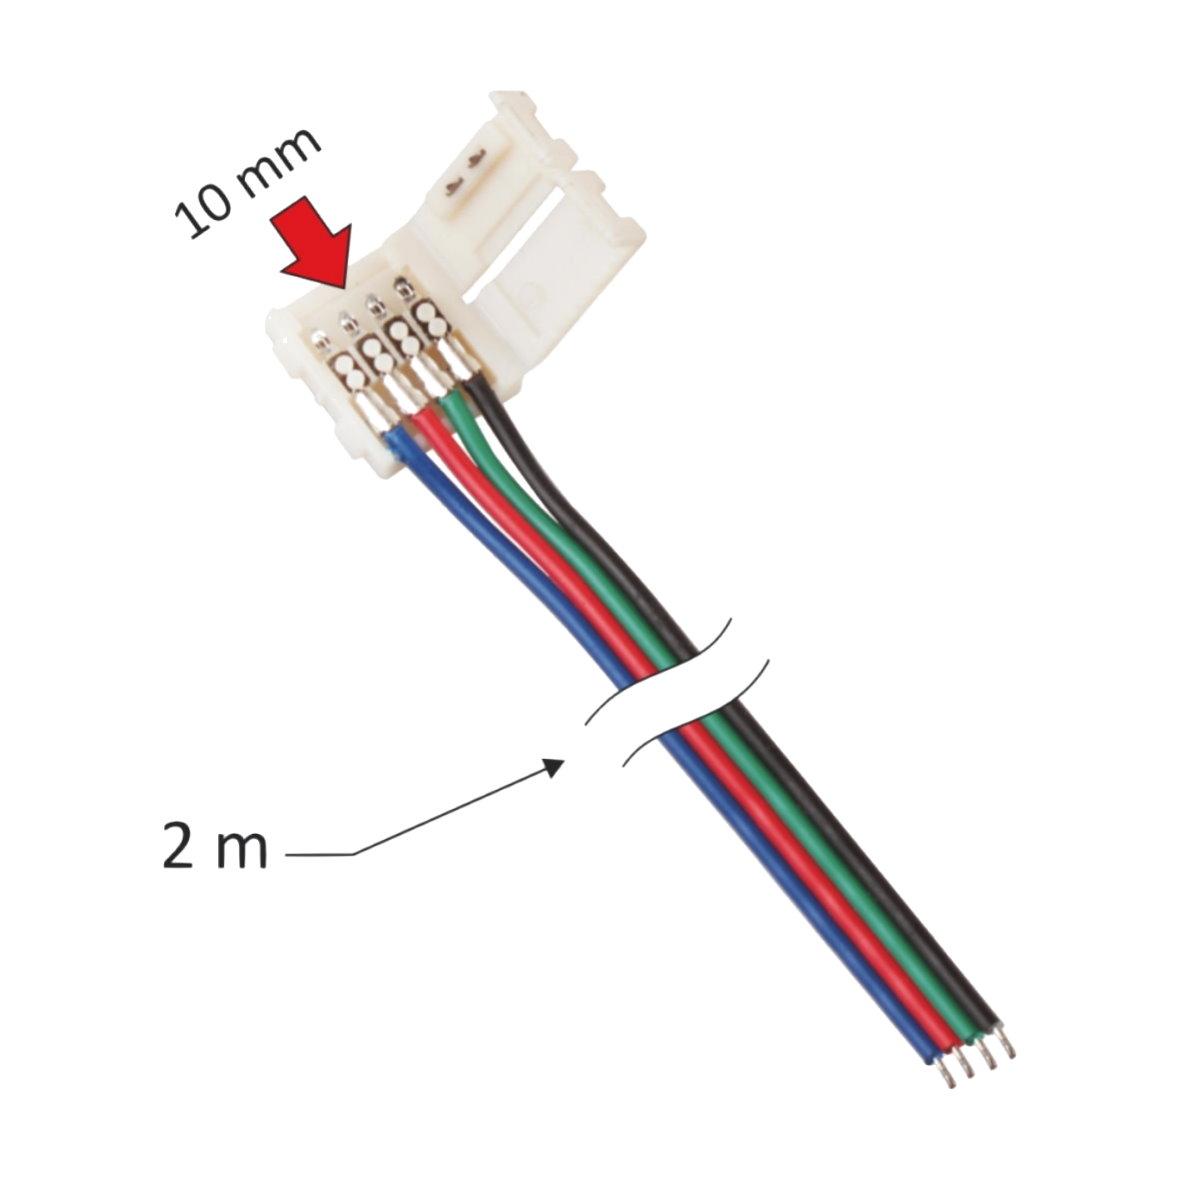 LED Adapter Lichtband Strip Verbindungskabel Kabel PIN Stecker Clip ...